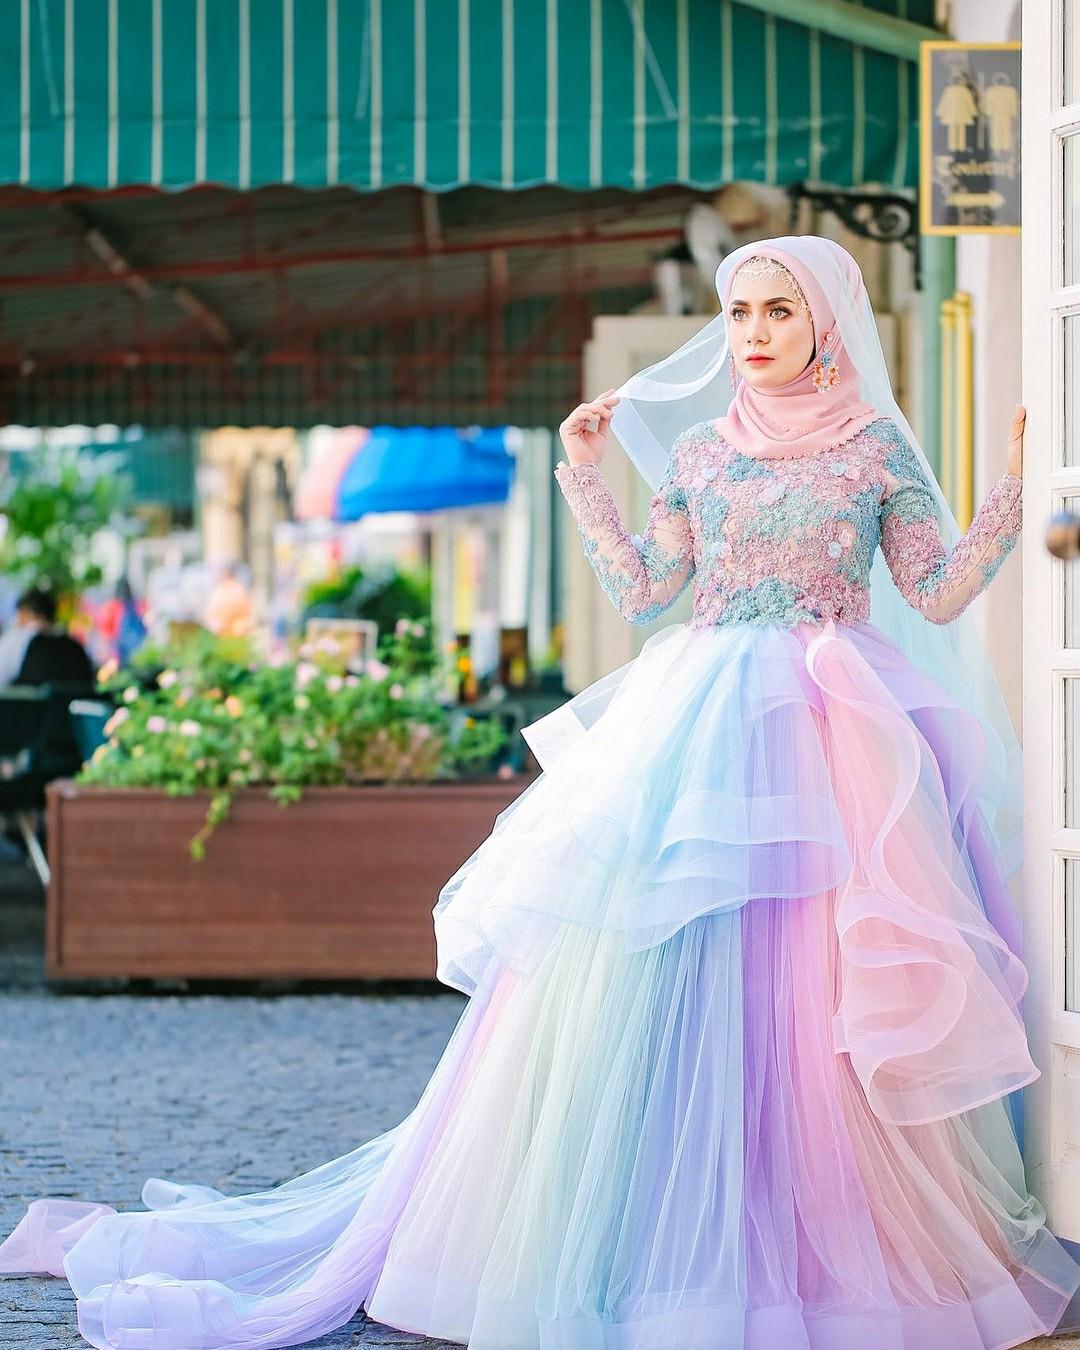 gaun pengantin muslimah ala fairytales cikgunorazimah